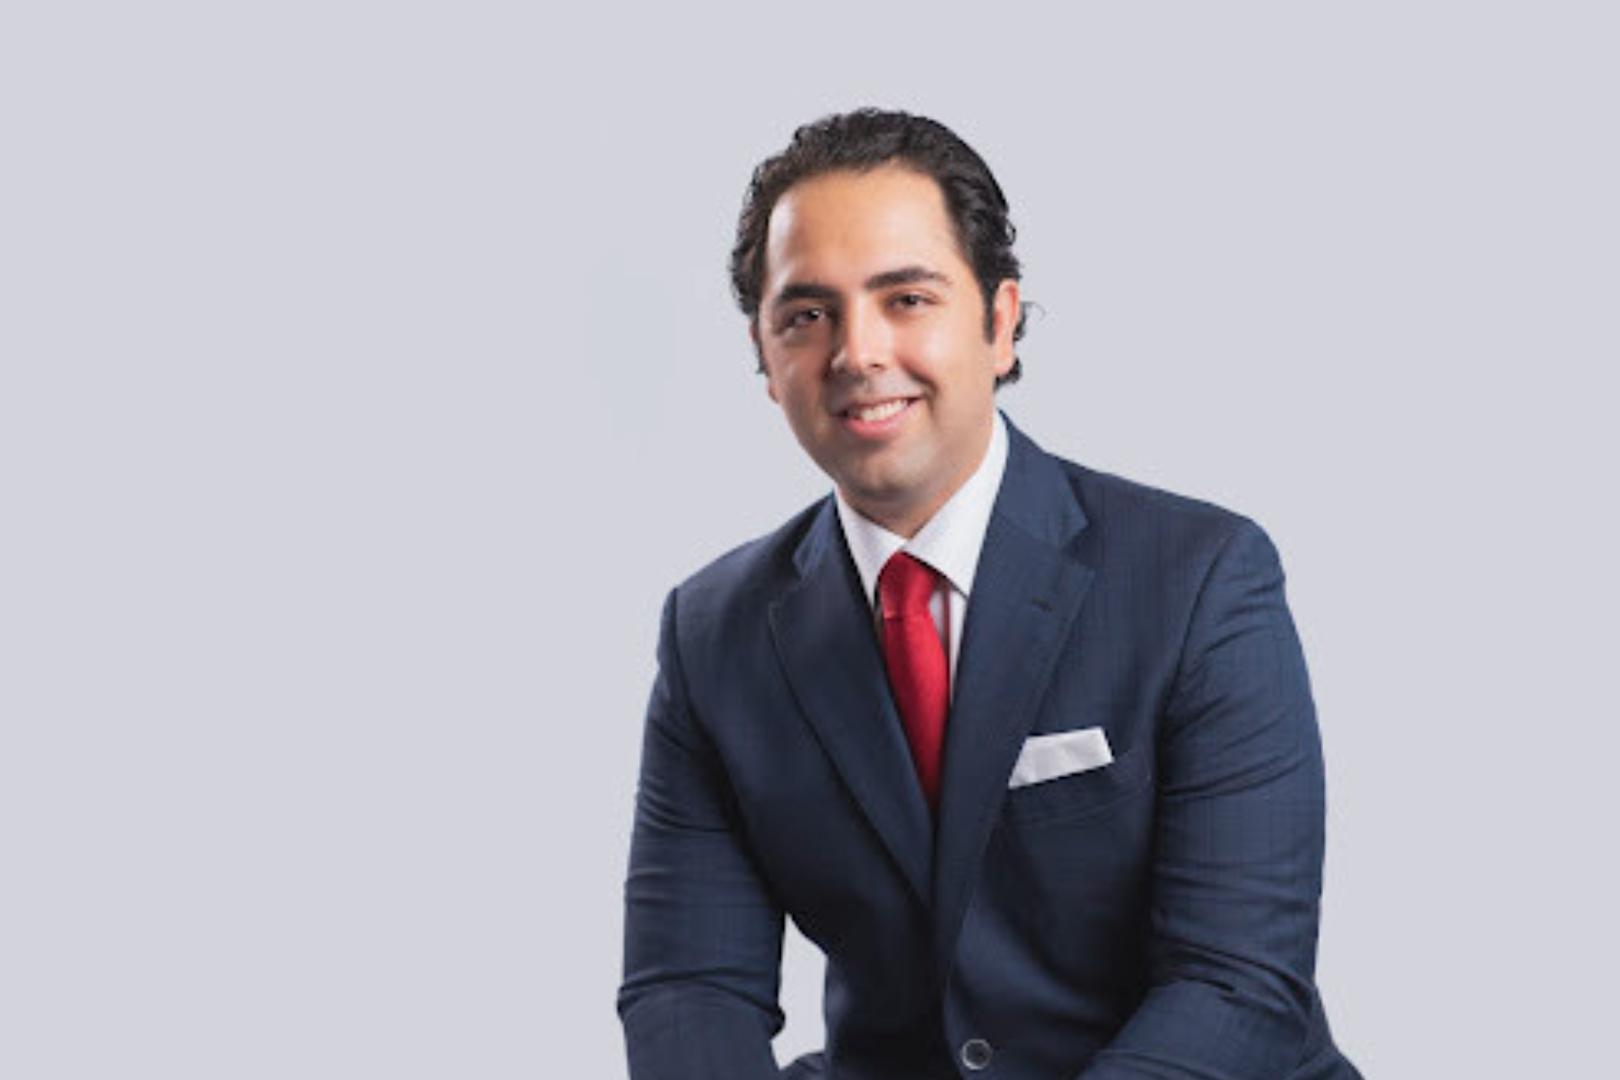 Kenworth Javier Valadez